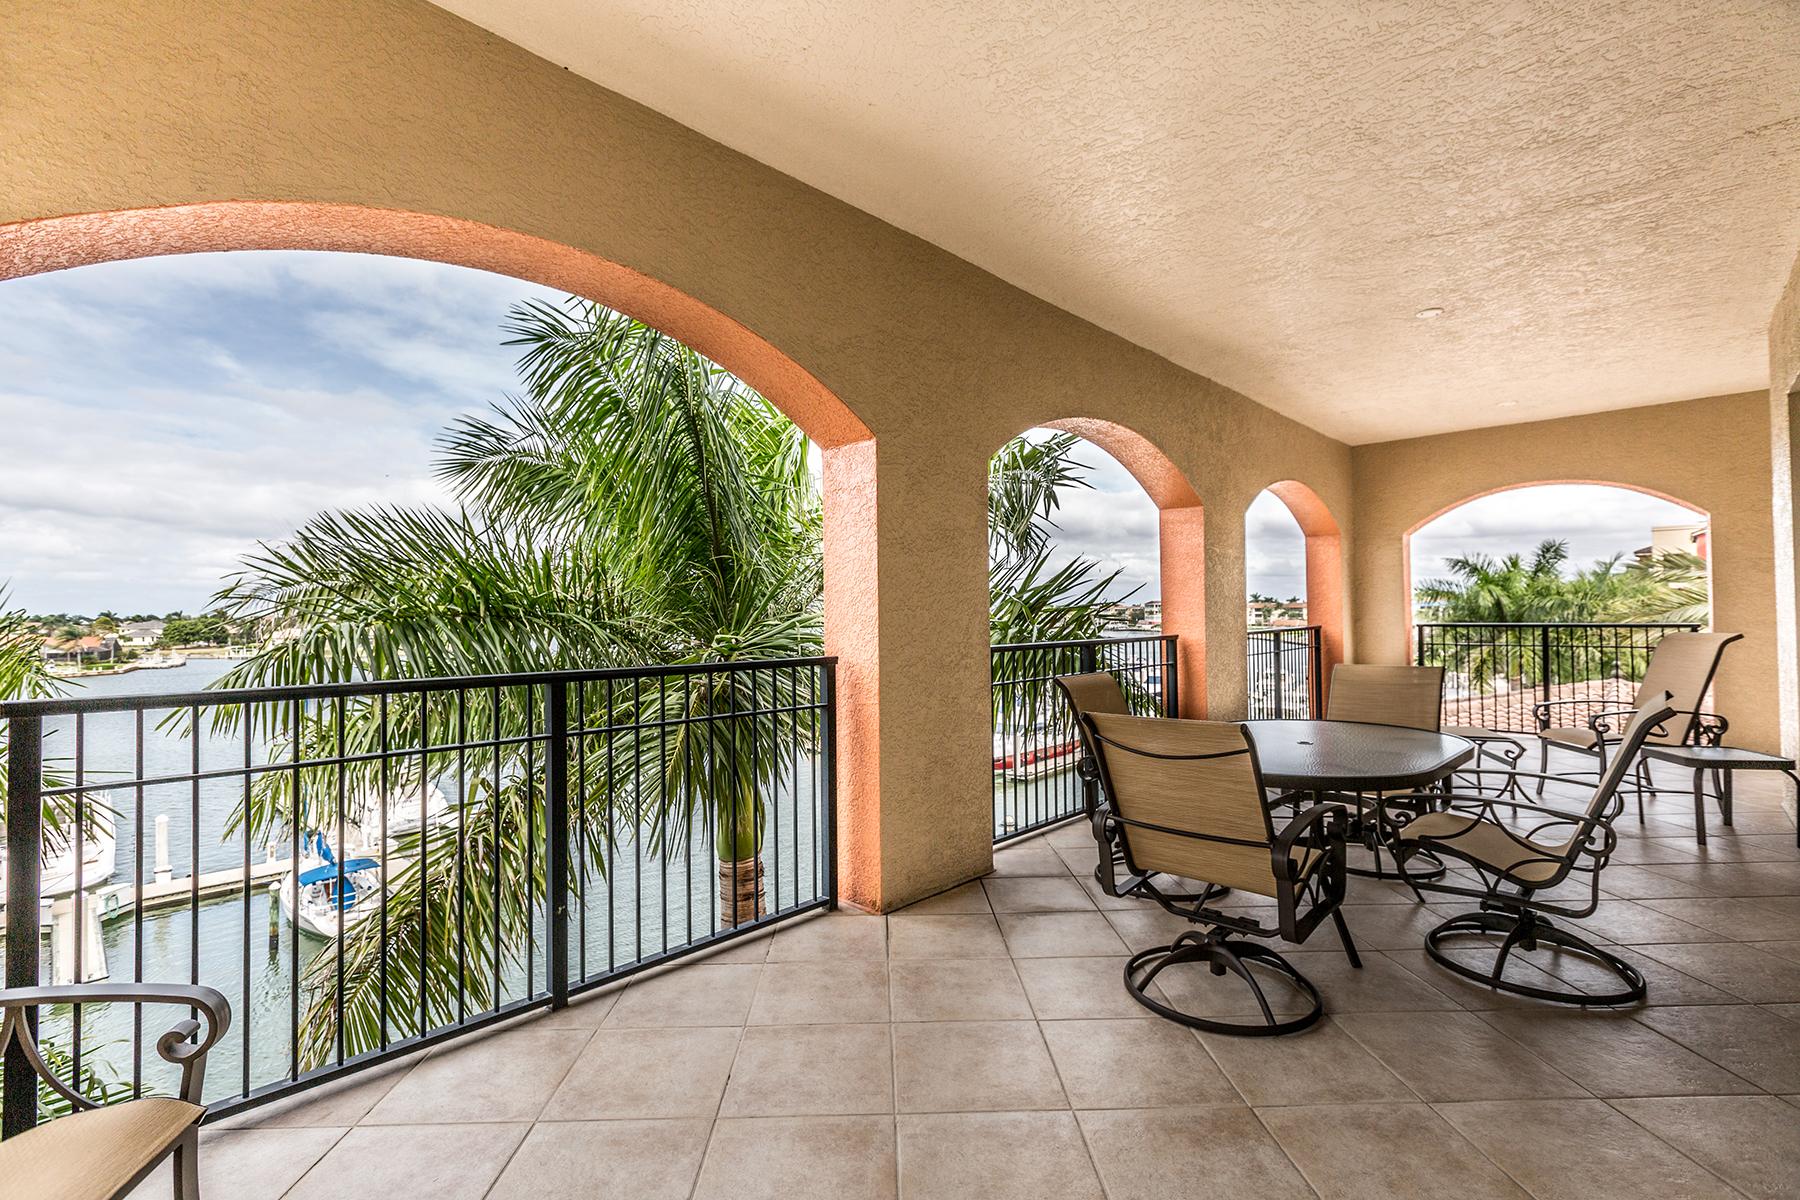 Nhà chung cư vì Bán tại MARCO ISLAND - ESPLANDE II 740 N Collier Blvd 2-305 Marco Island, Florida, 34145 Hoa Kỳ